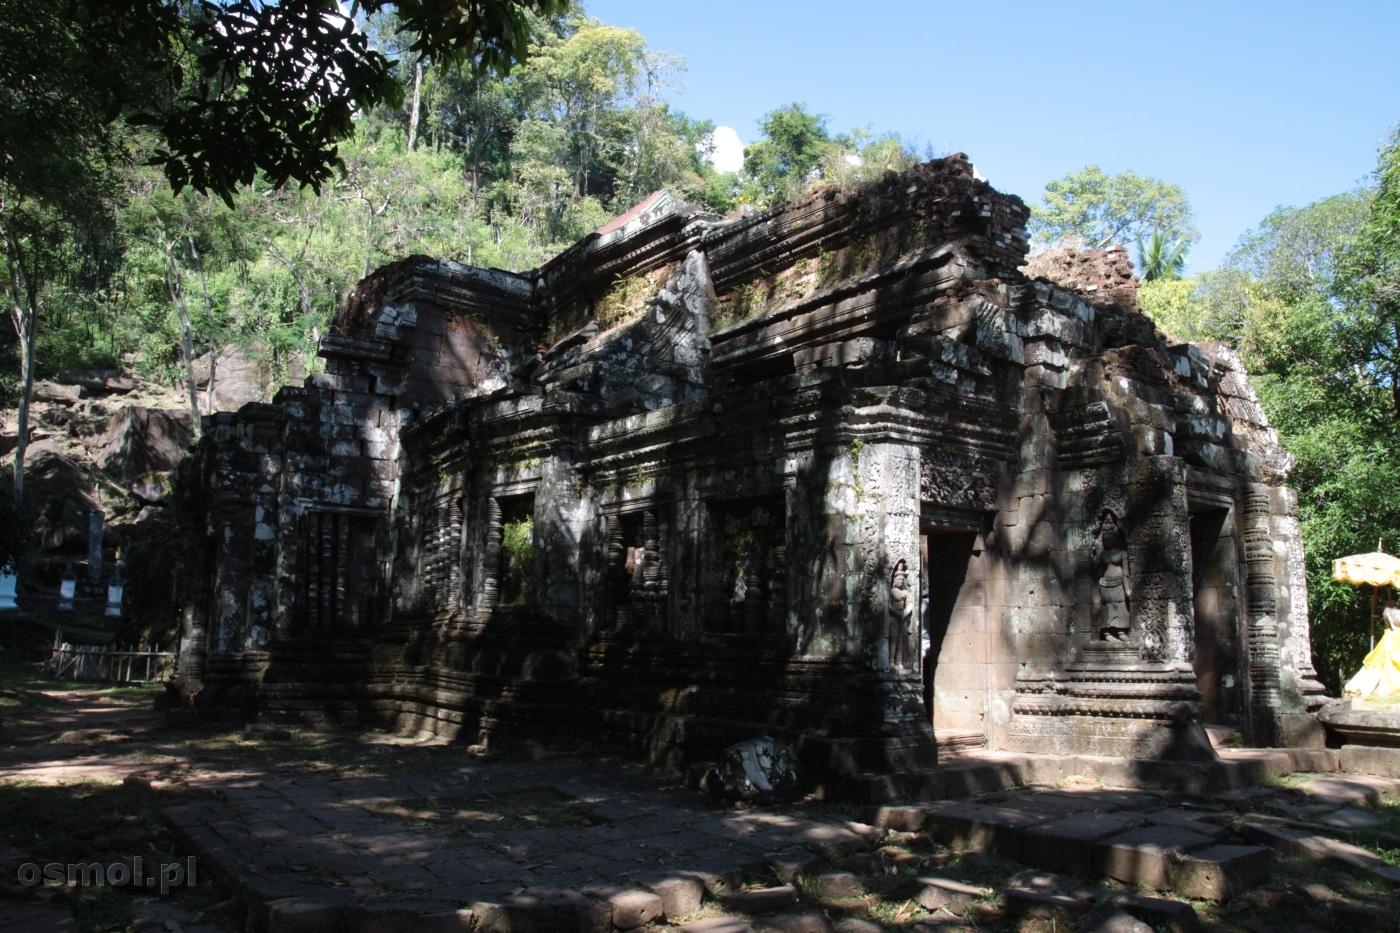 Wat Phou w Laosie - Champasak